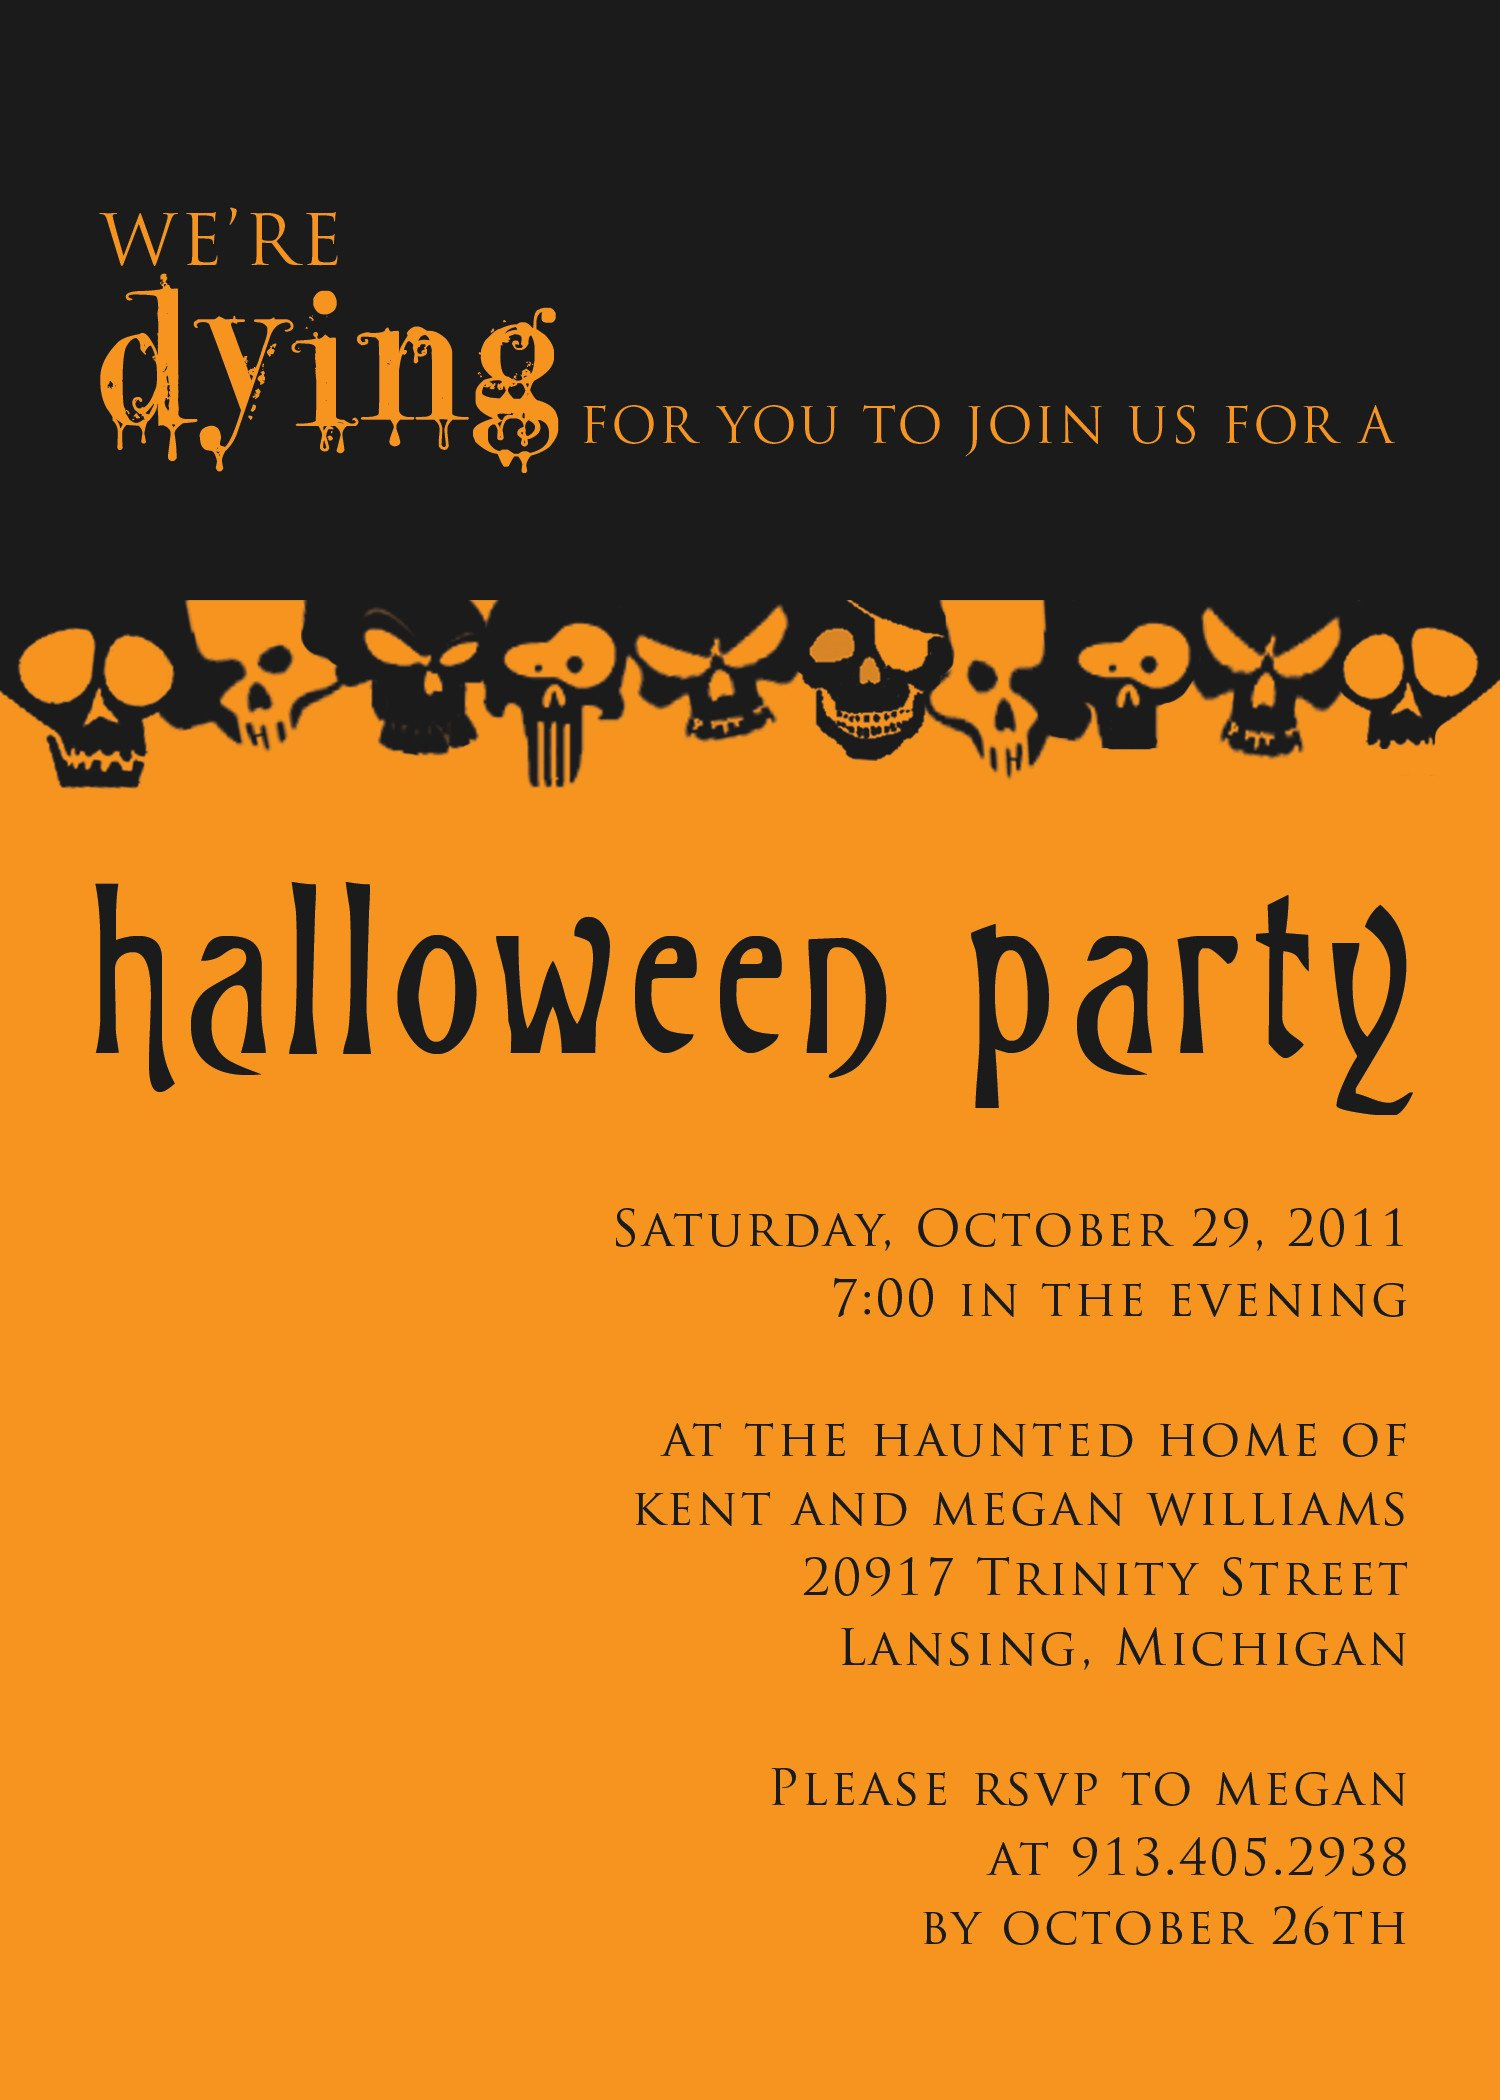 Halloween Party Invitation Template Halloween Party Invitation Templates Free – Festival